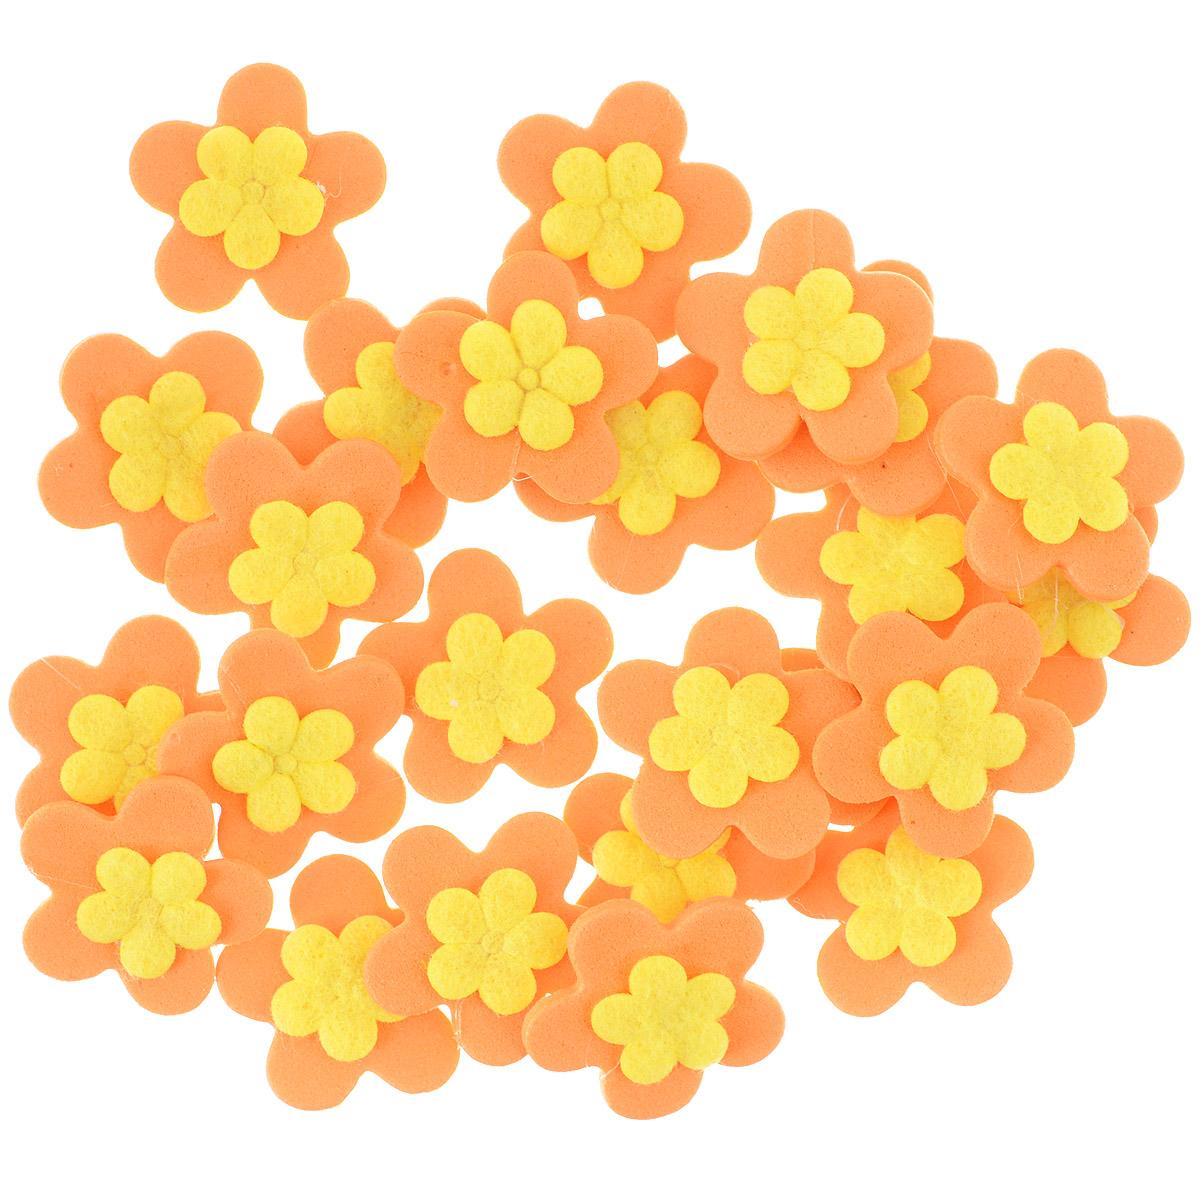 Набор декоративных украшений Home Queen Кувшинки, на клейкой основе, цвет: оранжевый, желтый, 24 штNLED-454-9W-BKНабор Home Queen Кувшинки состоит из 24 декоративных элементов и предназначен для украшения яиц, посуды, стекла, керамики, металла, цветочных горшков, ваз и других предметов интерьера. Украшения изготовлены из вспененной резины в виде цветов и фиксируются при помощи специальной клейкой основы. Такой набор украшений создаст атмосферу праздника в вашем доме. Размер фигурки: 2,3 см х 0,4 см х 2,3 см.Материал: вспененная резина.